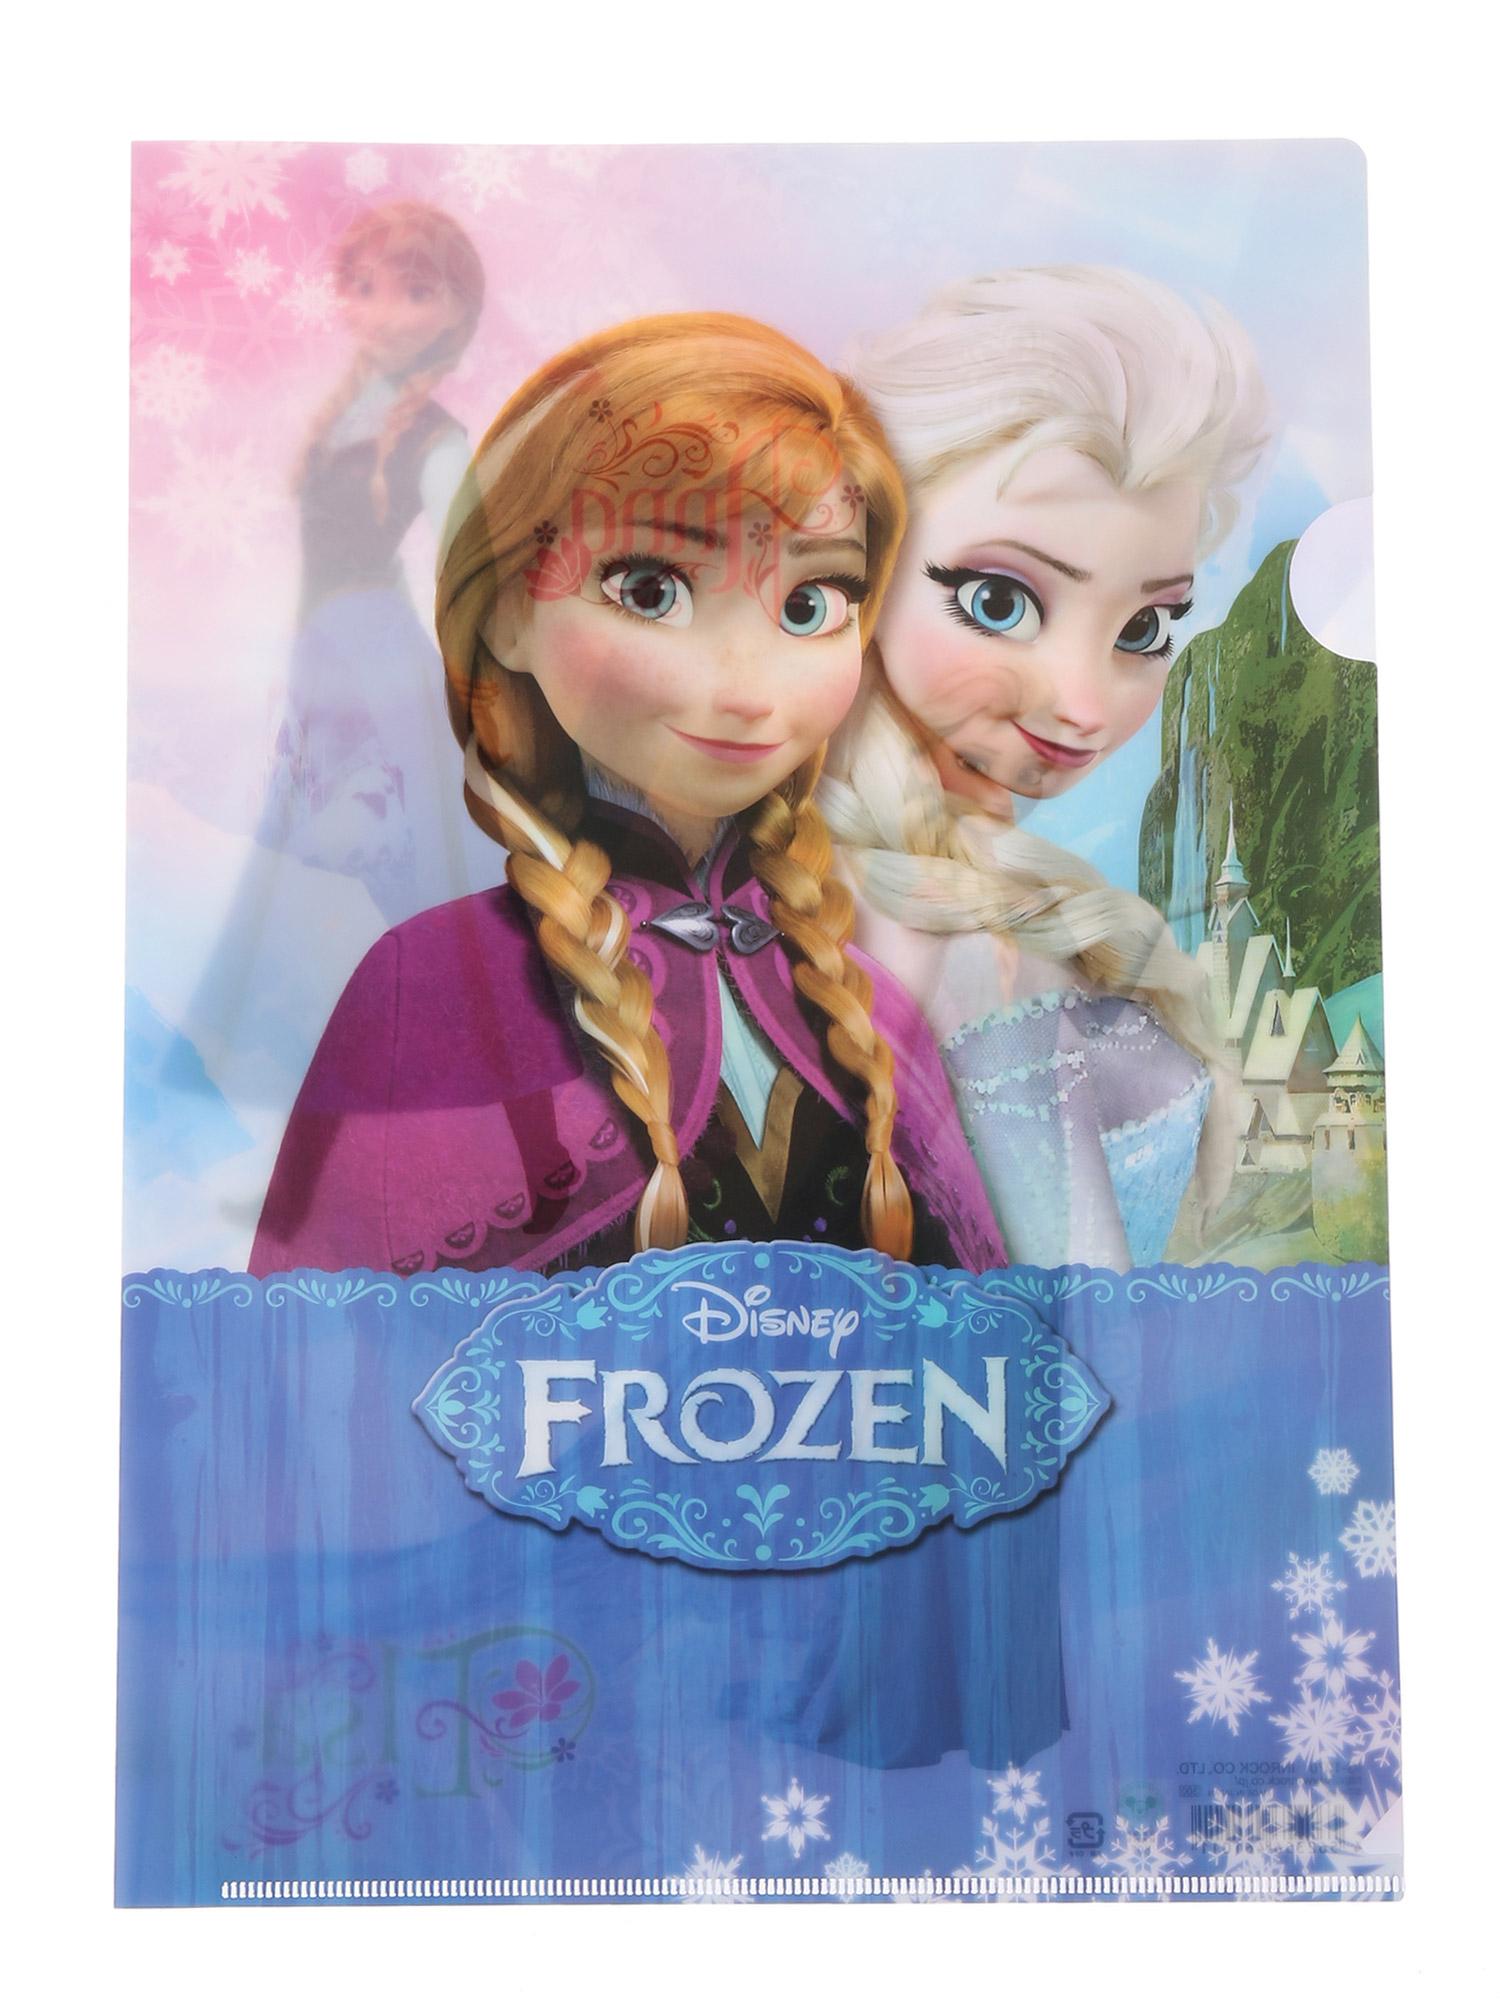 WEGO/アナと雪の女王クリアファイル